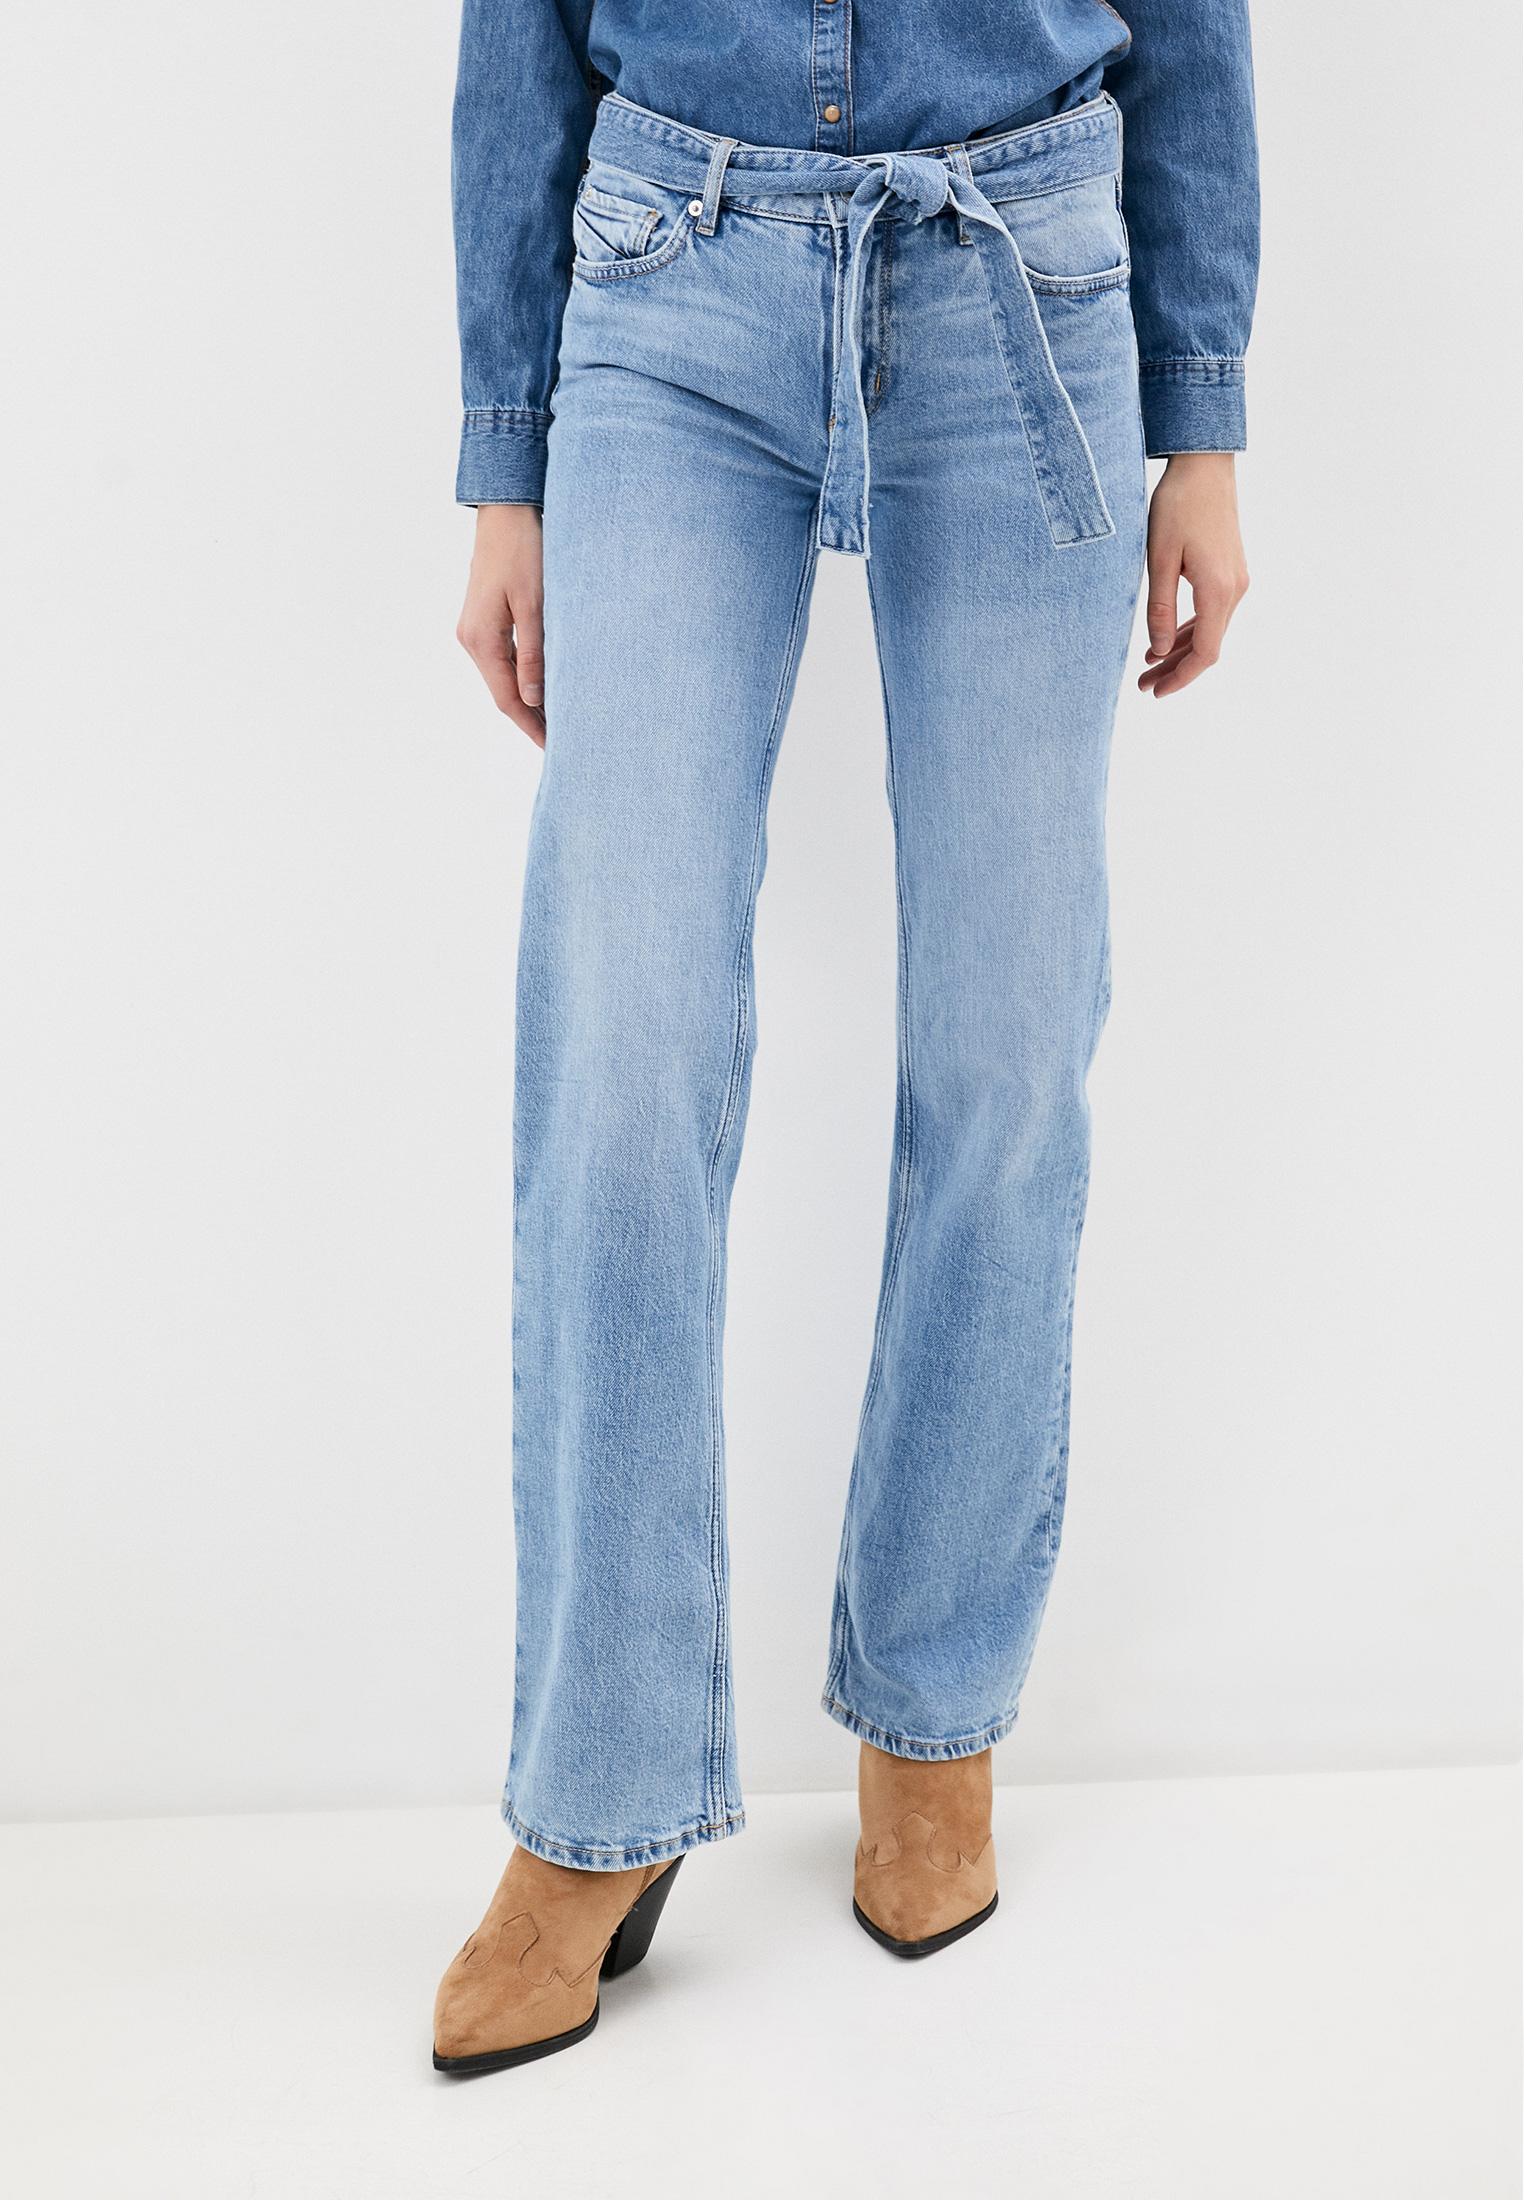 Прямые джинсы Q/S designed by 510.10.003.26.180.2006097